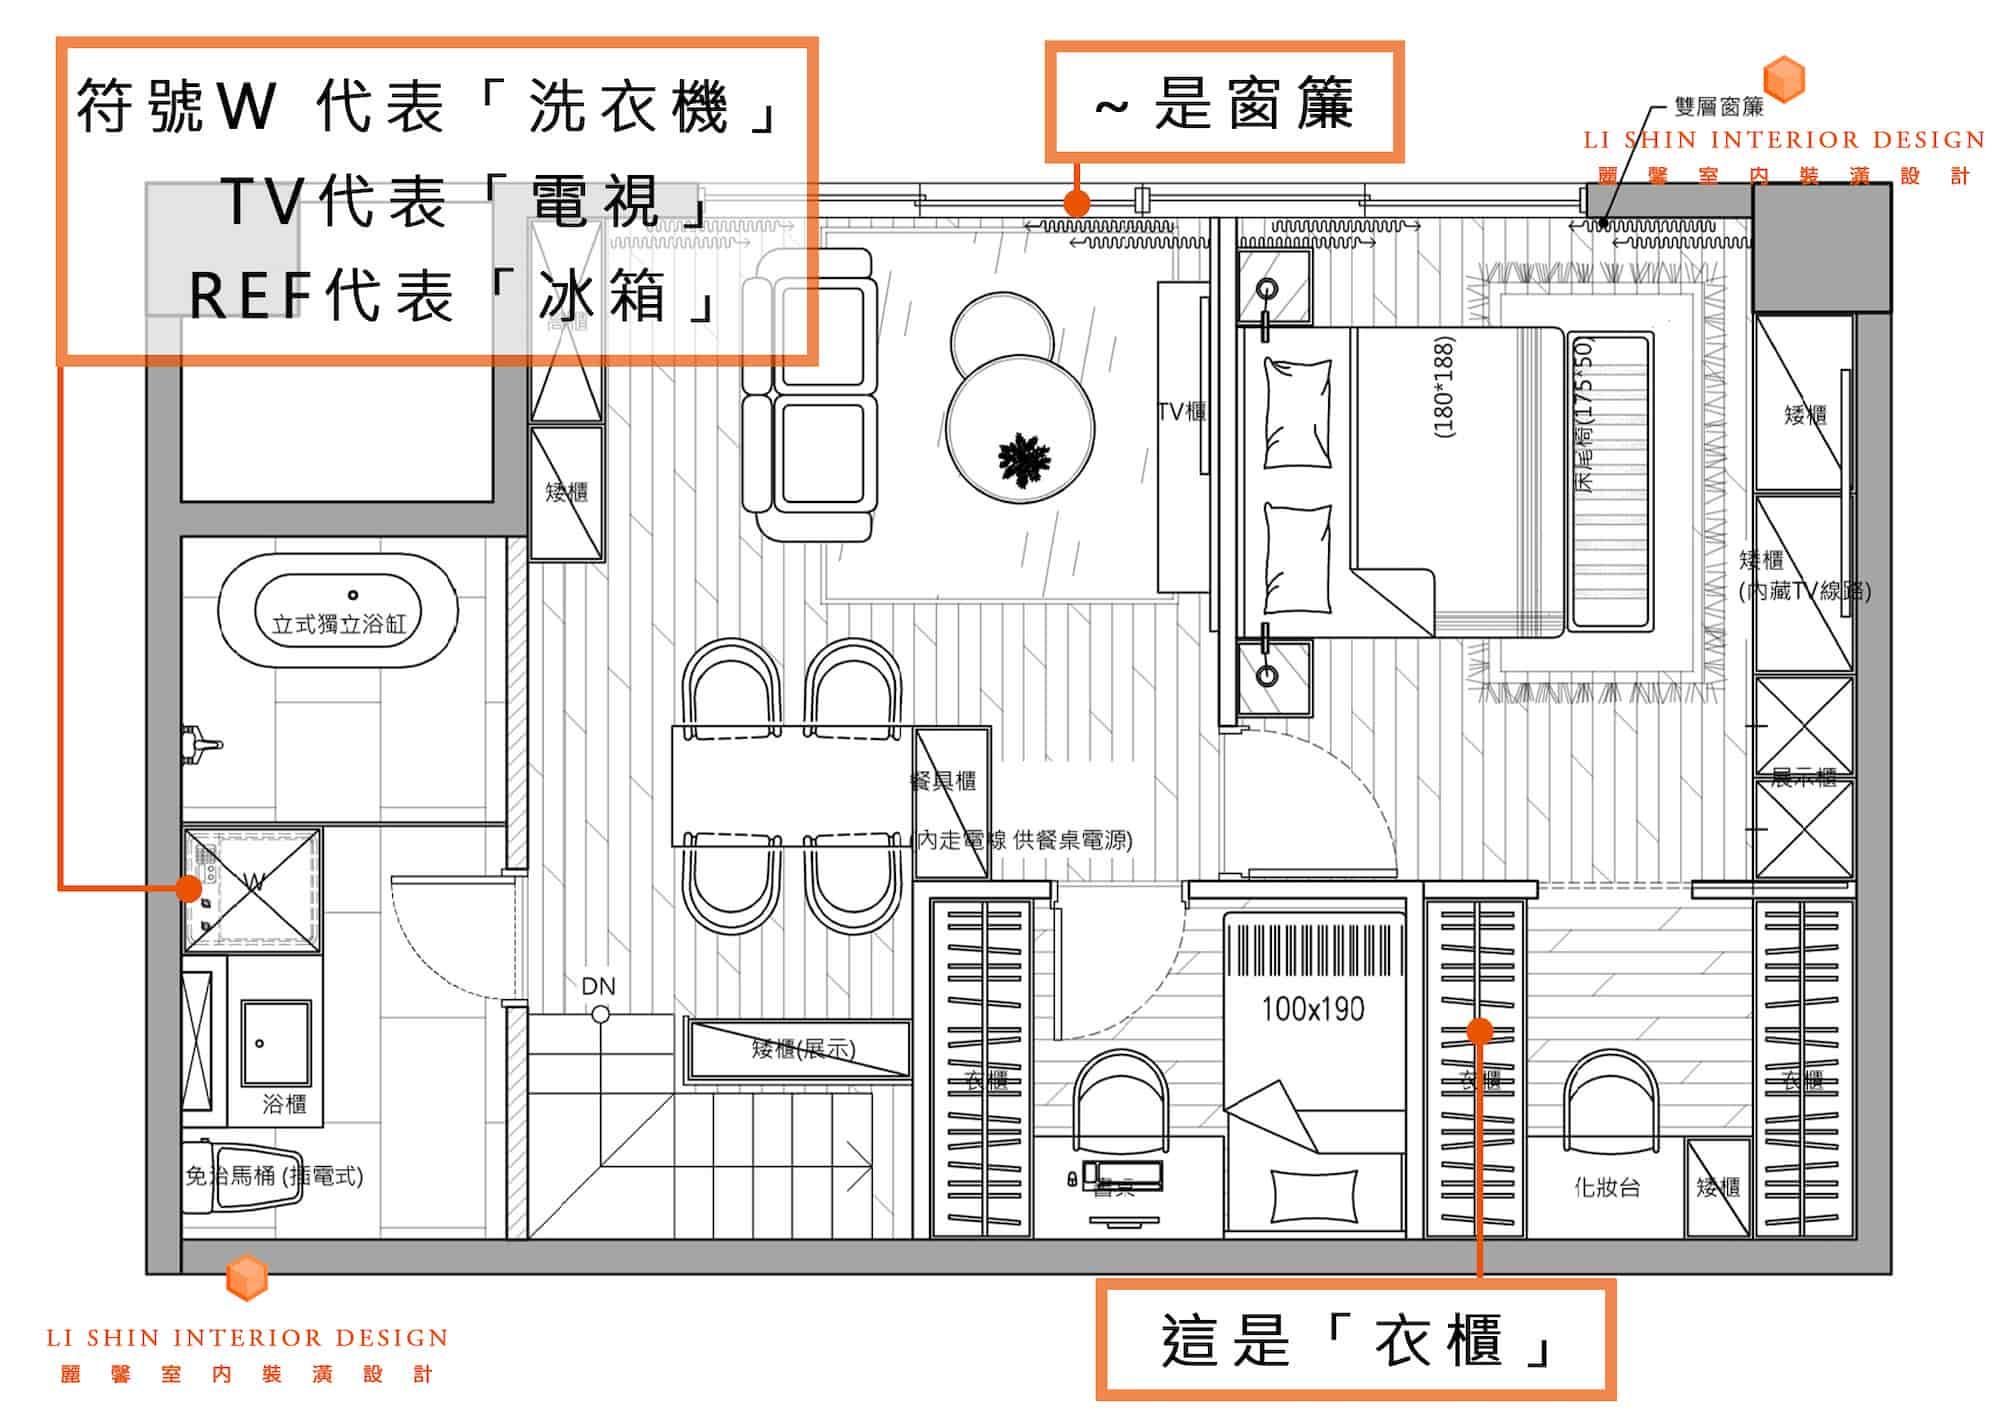 洗手台、浴缸、馬桶、沙發、茶几、桌子、椅子、衣櫃、床,都是依照現實去繪製的圖例,所以很容易辨別。